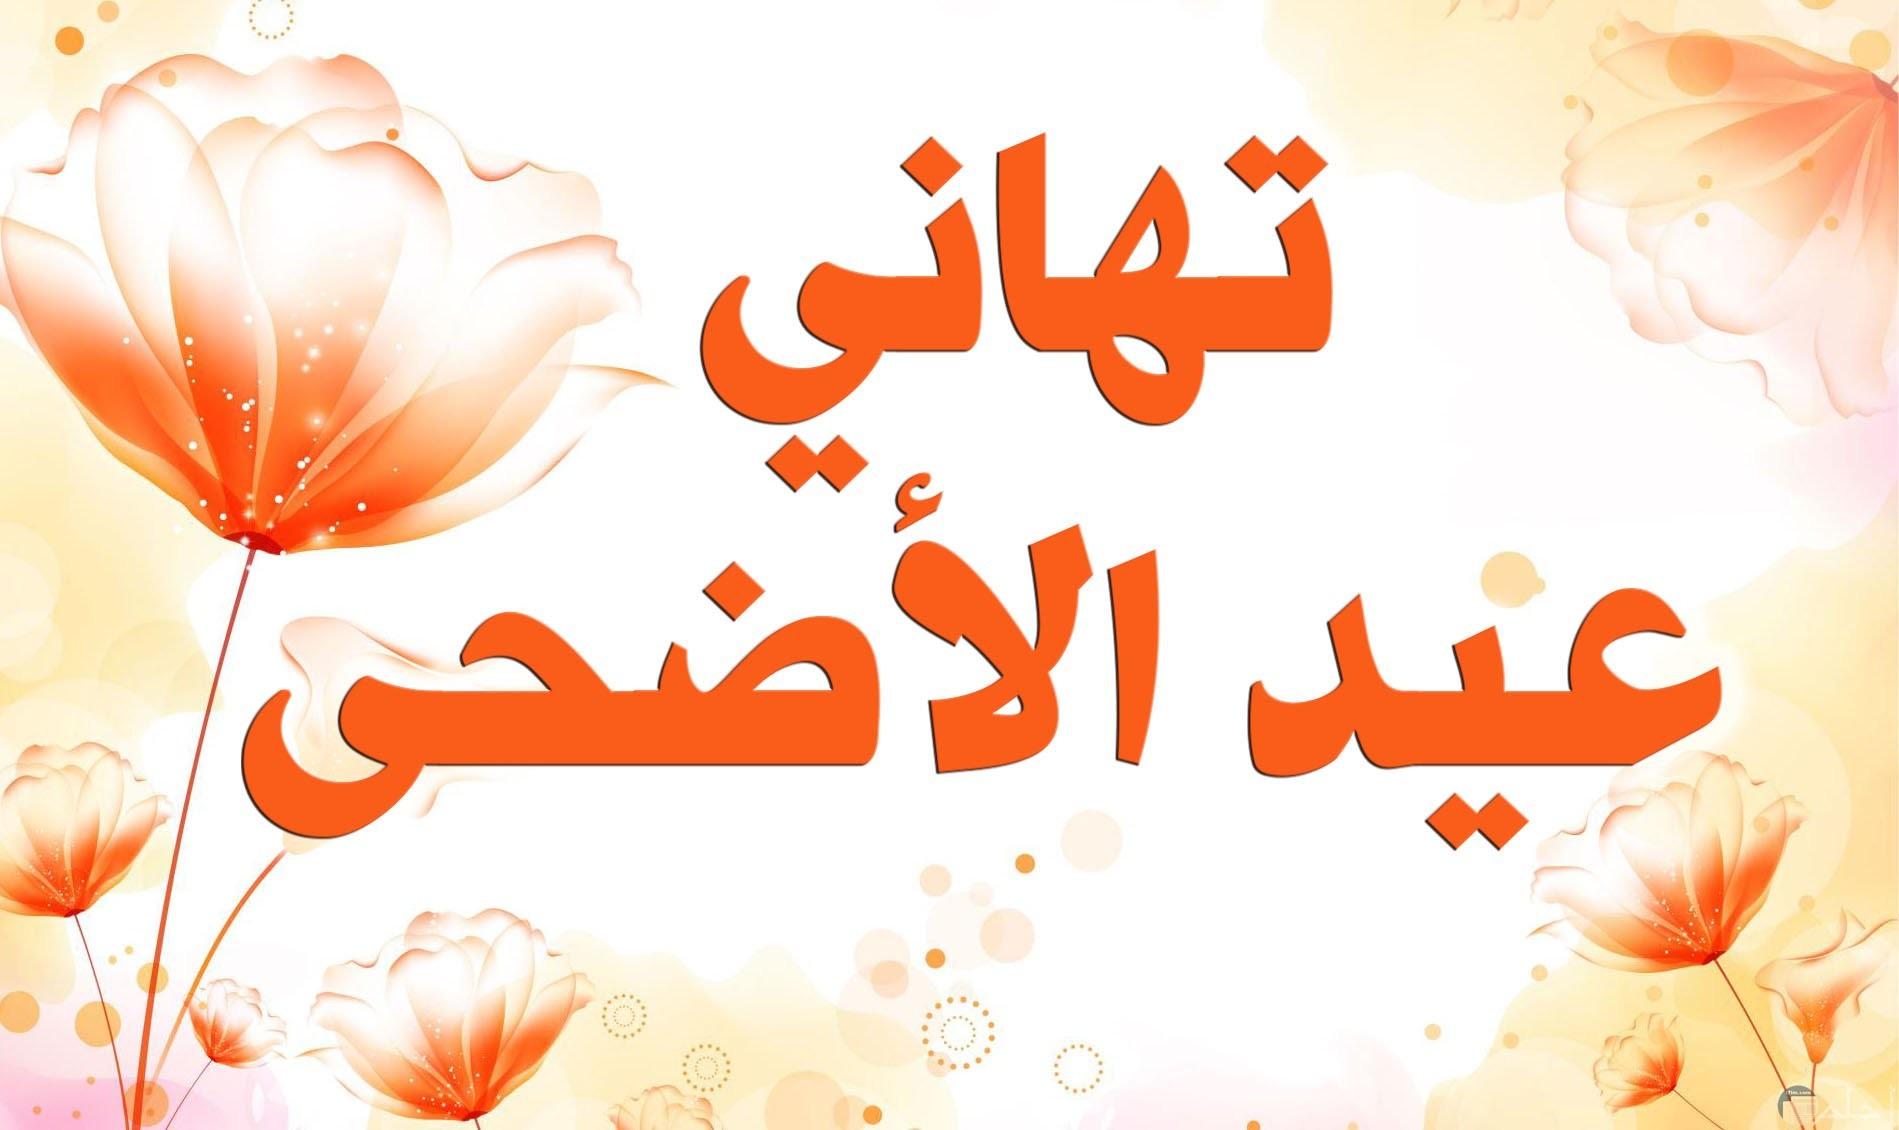 التهانى بمناسبة عيد الاضحى المبارك.